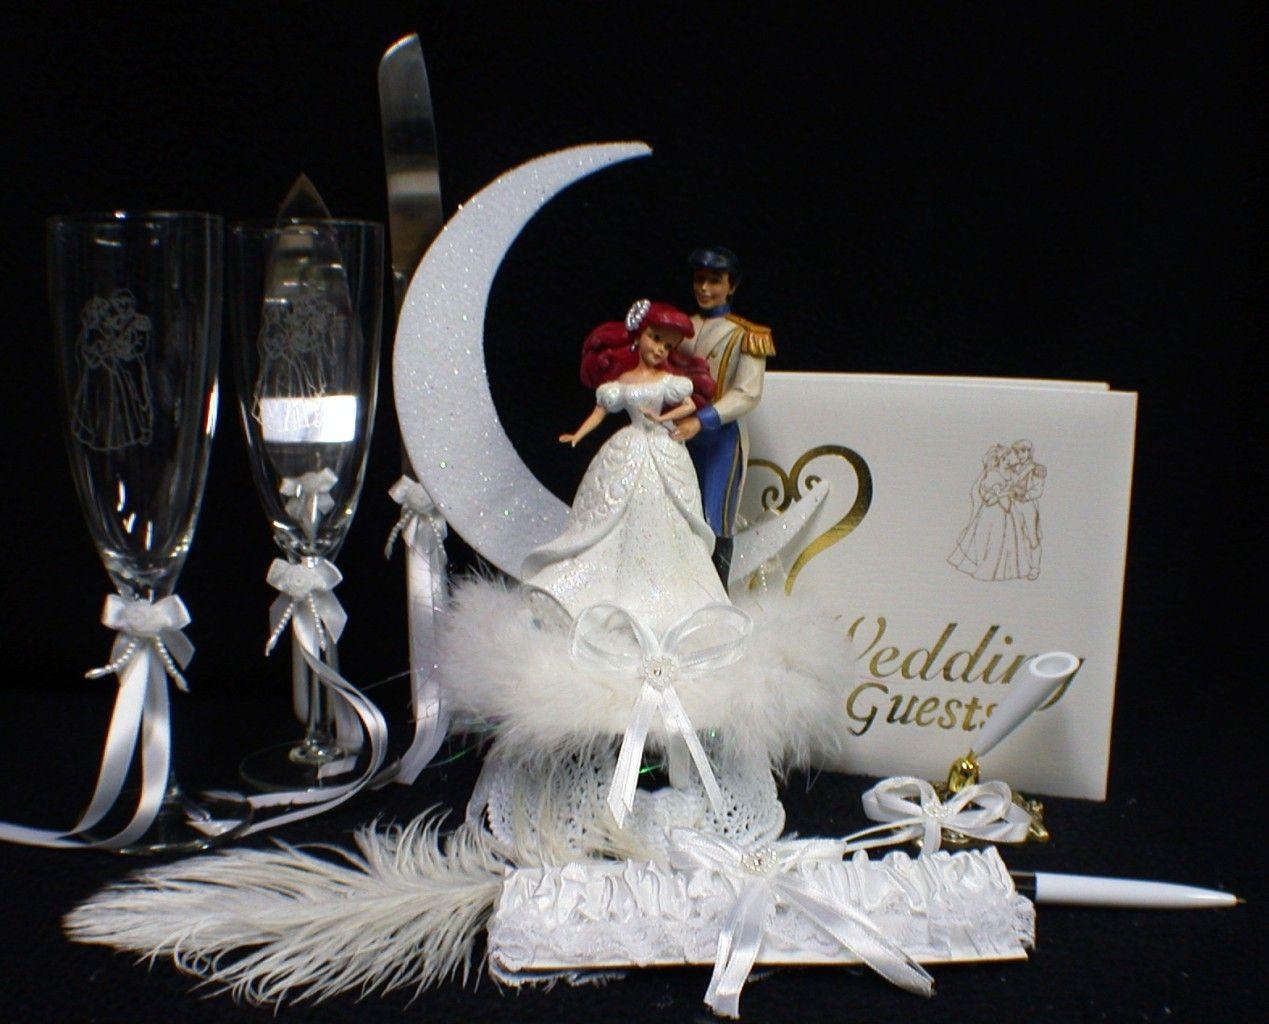 disney little mermaid wedding cake topper lot glasses knife server guest book pen holder garter